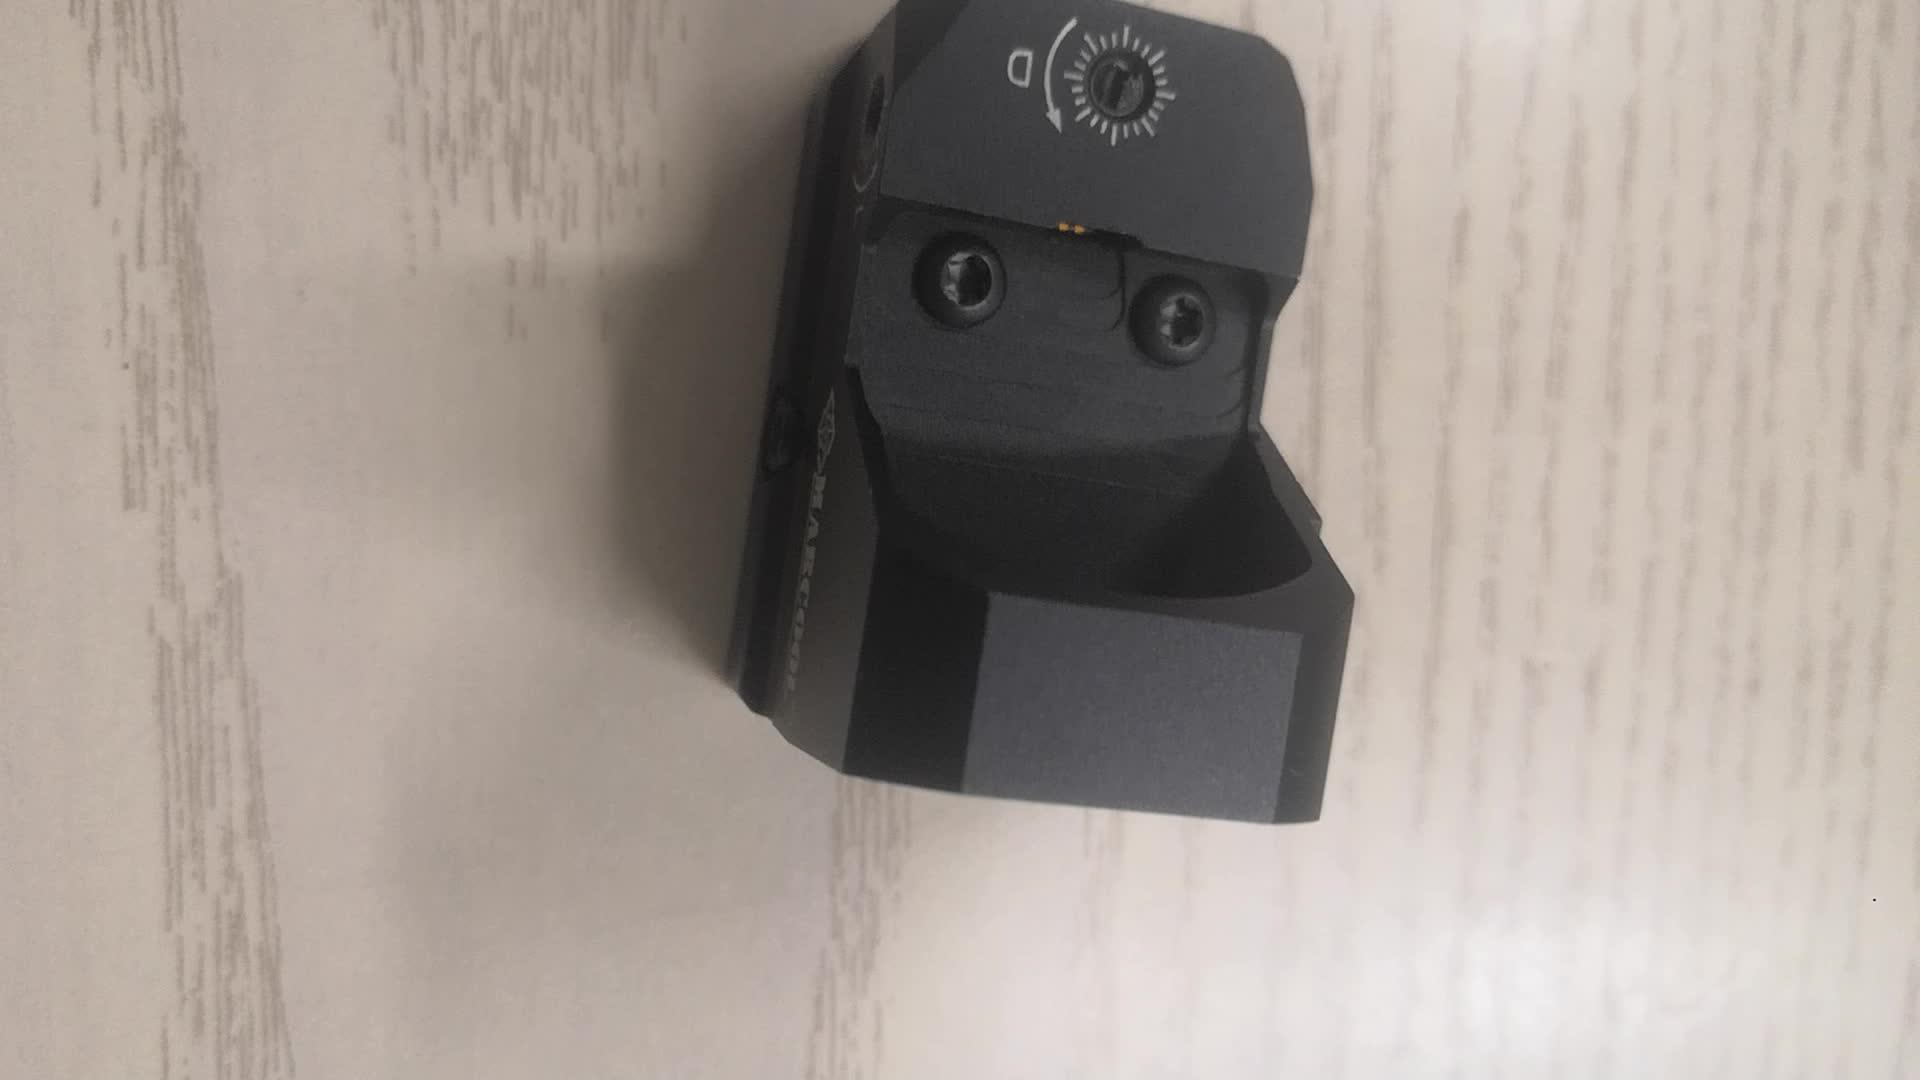 Airsoft कार्बाइन शूटिंग ऑप्टिक सामरिक लाल डॉट बंदूक जगहें निशान कैमरा